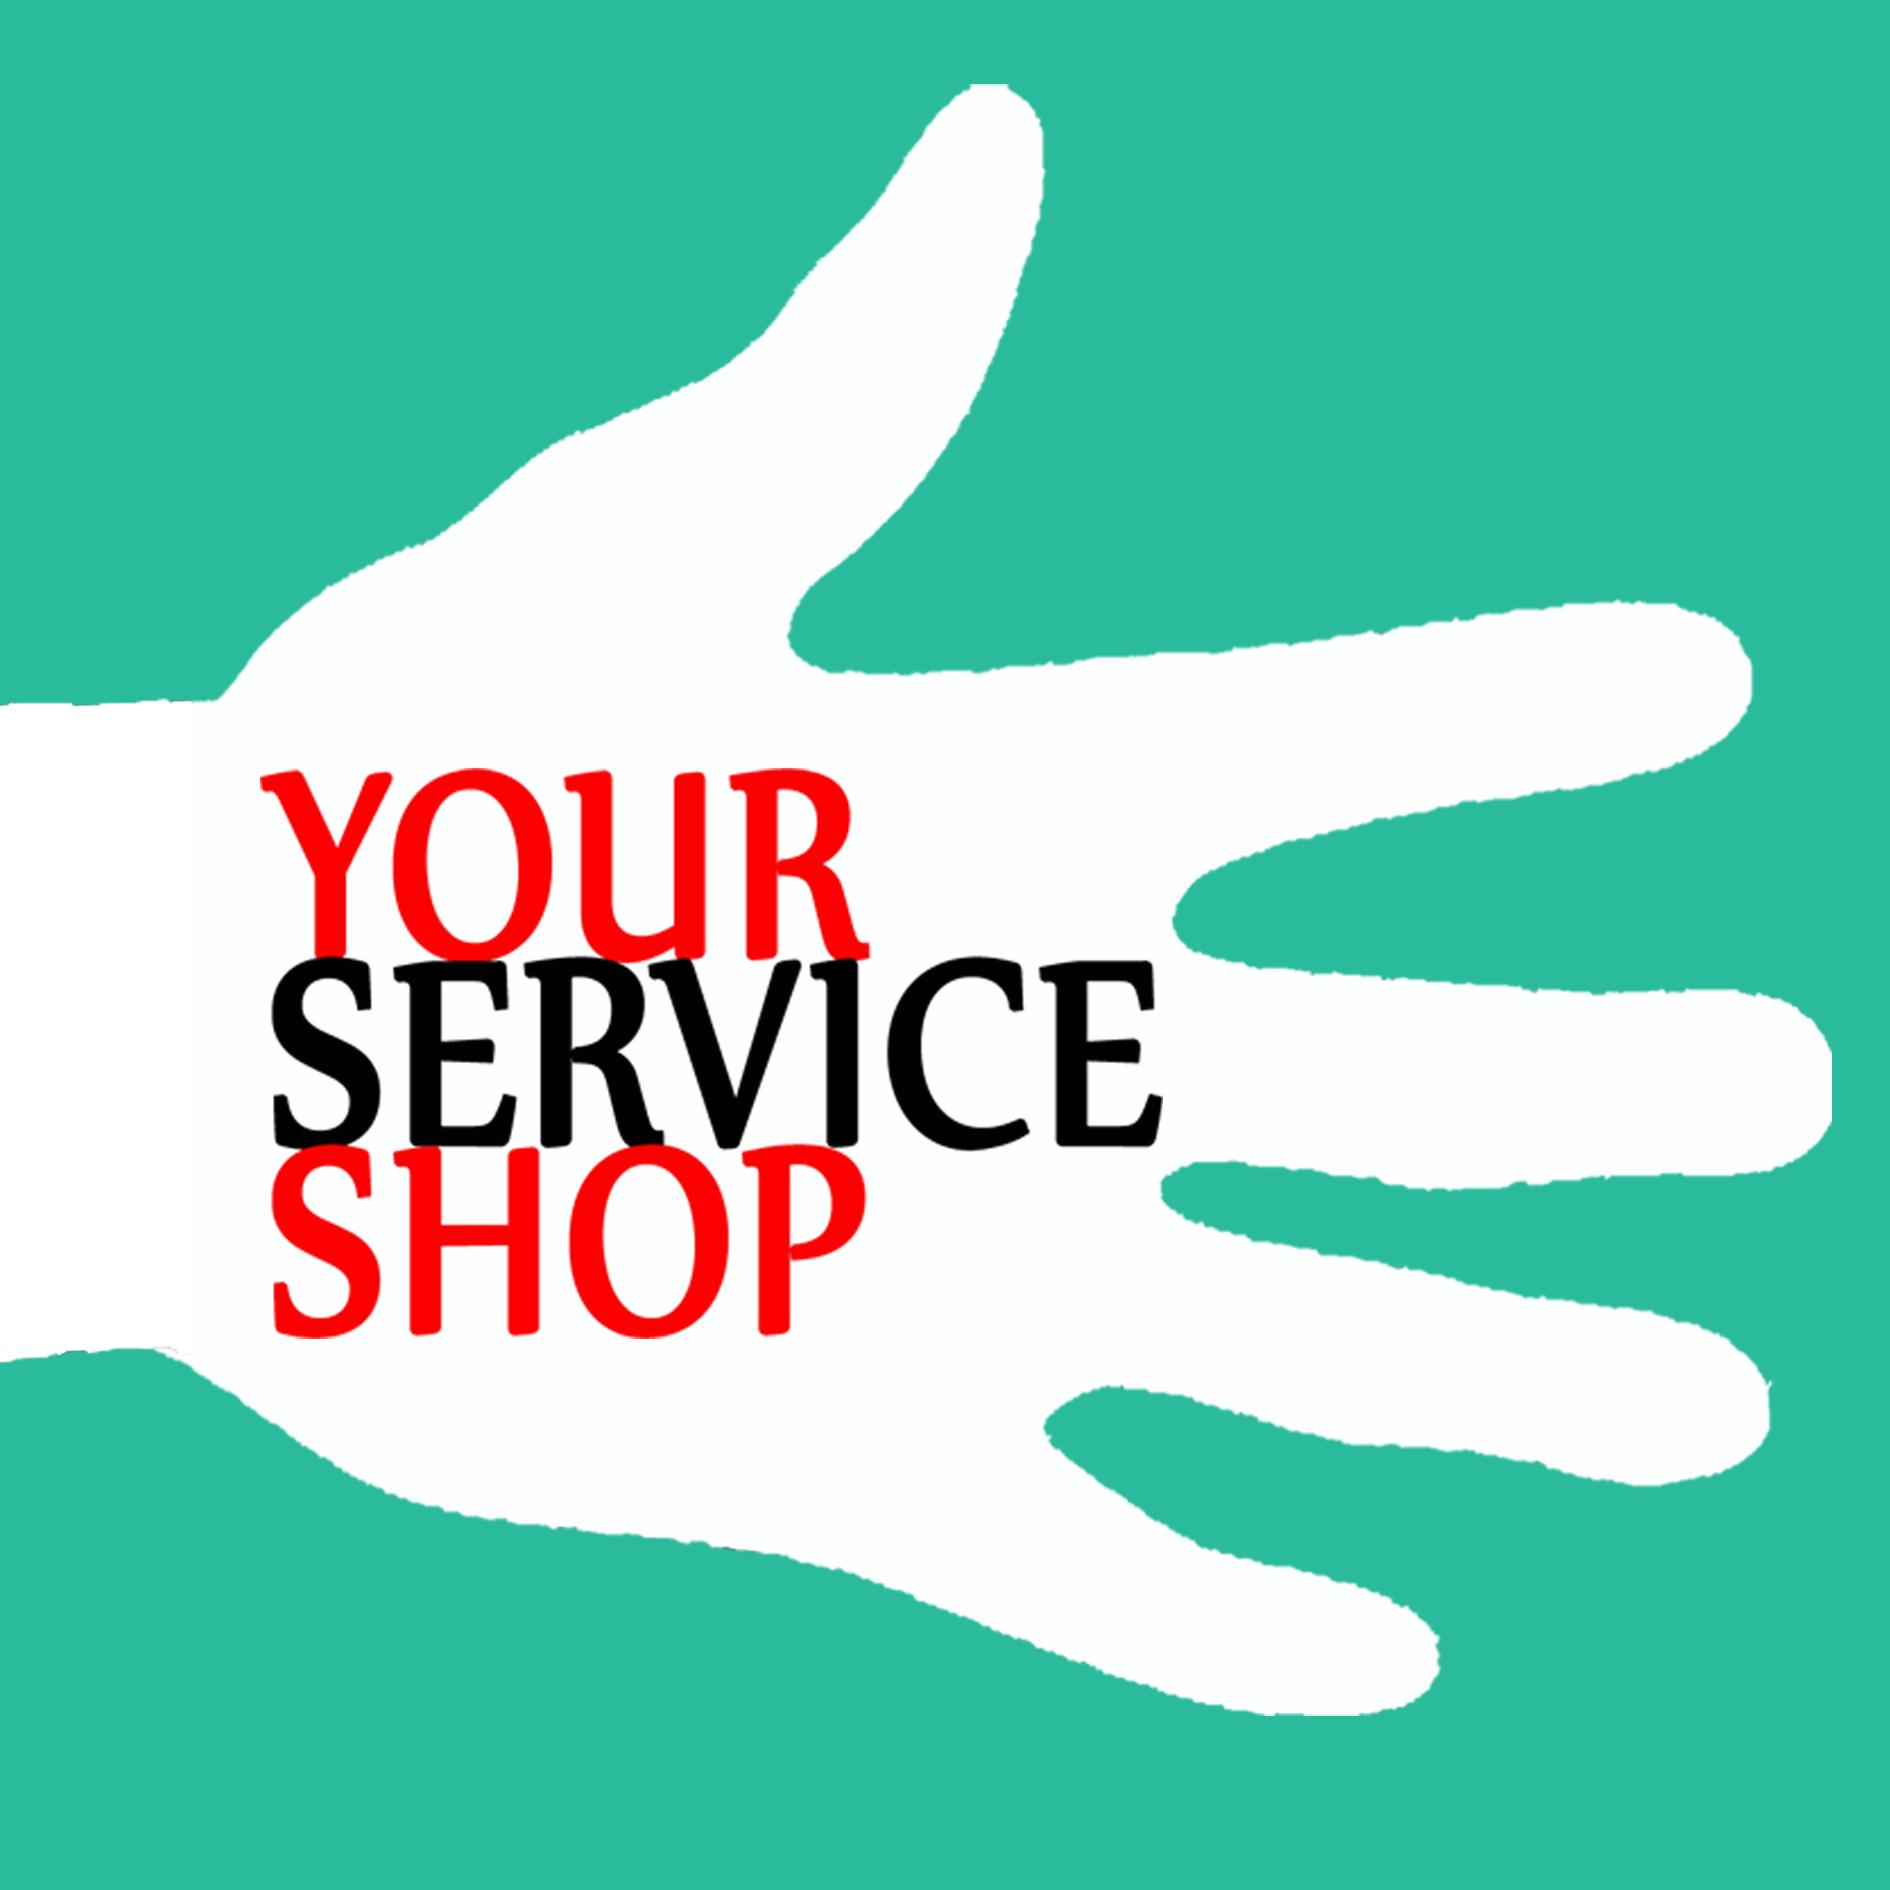 Your Service Shop